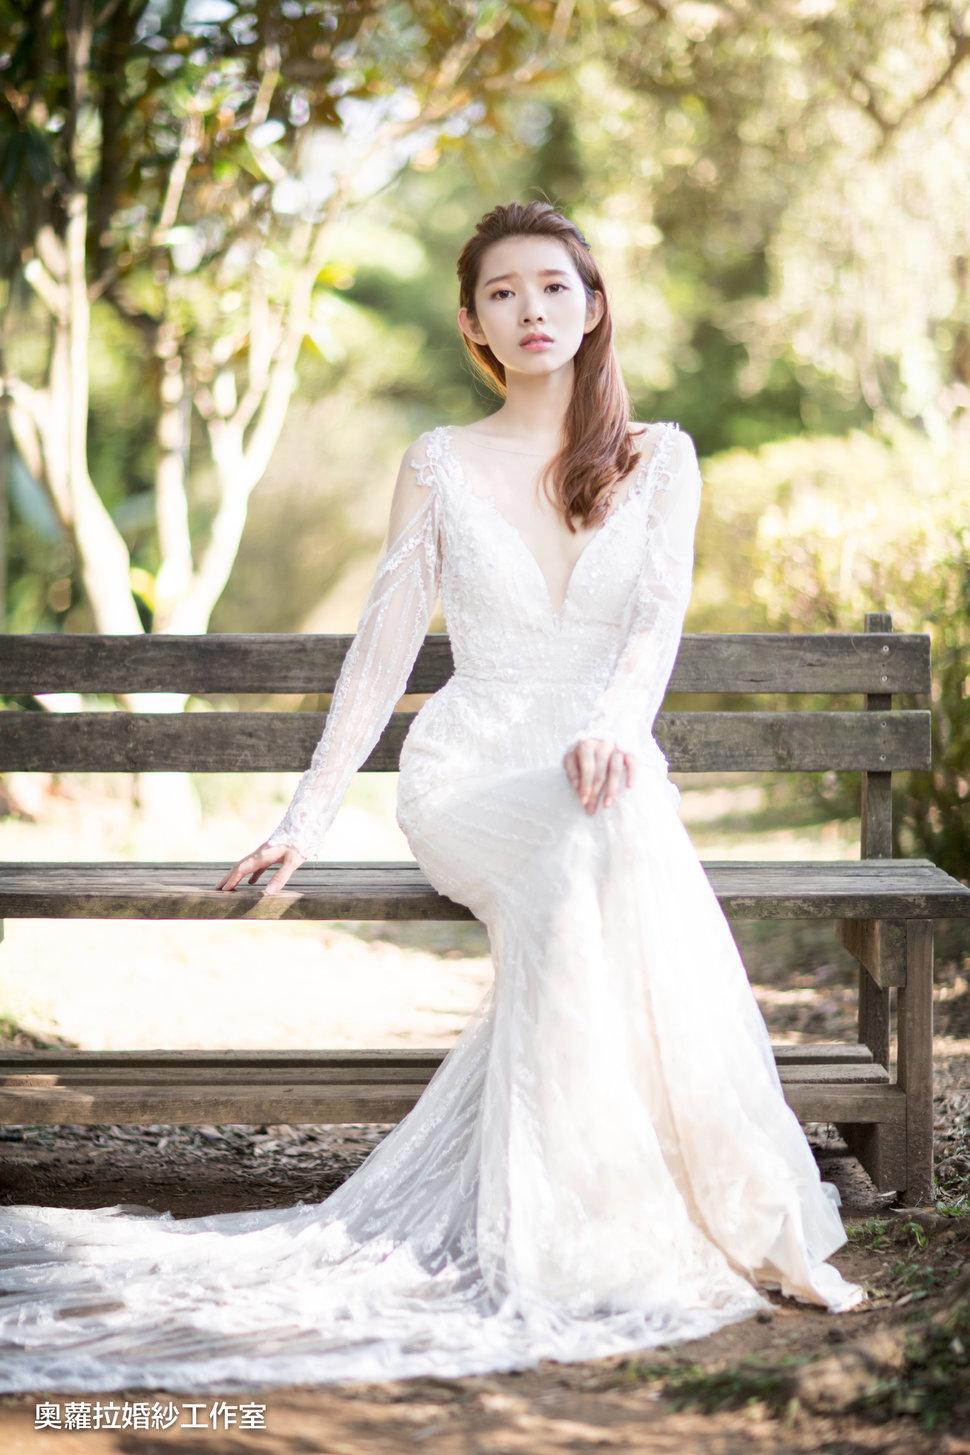 奧蘿拉婚紗工作室-42 - 奧蘿拉自助婚紗工作室《結婚吧》